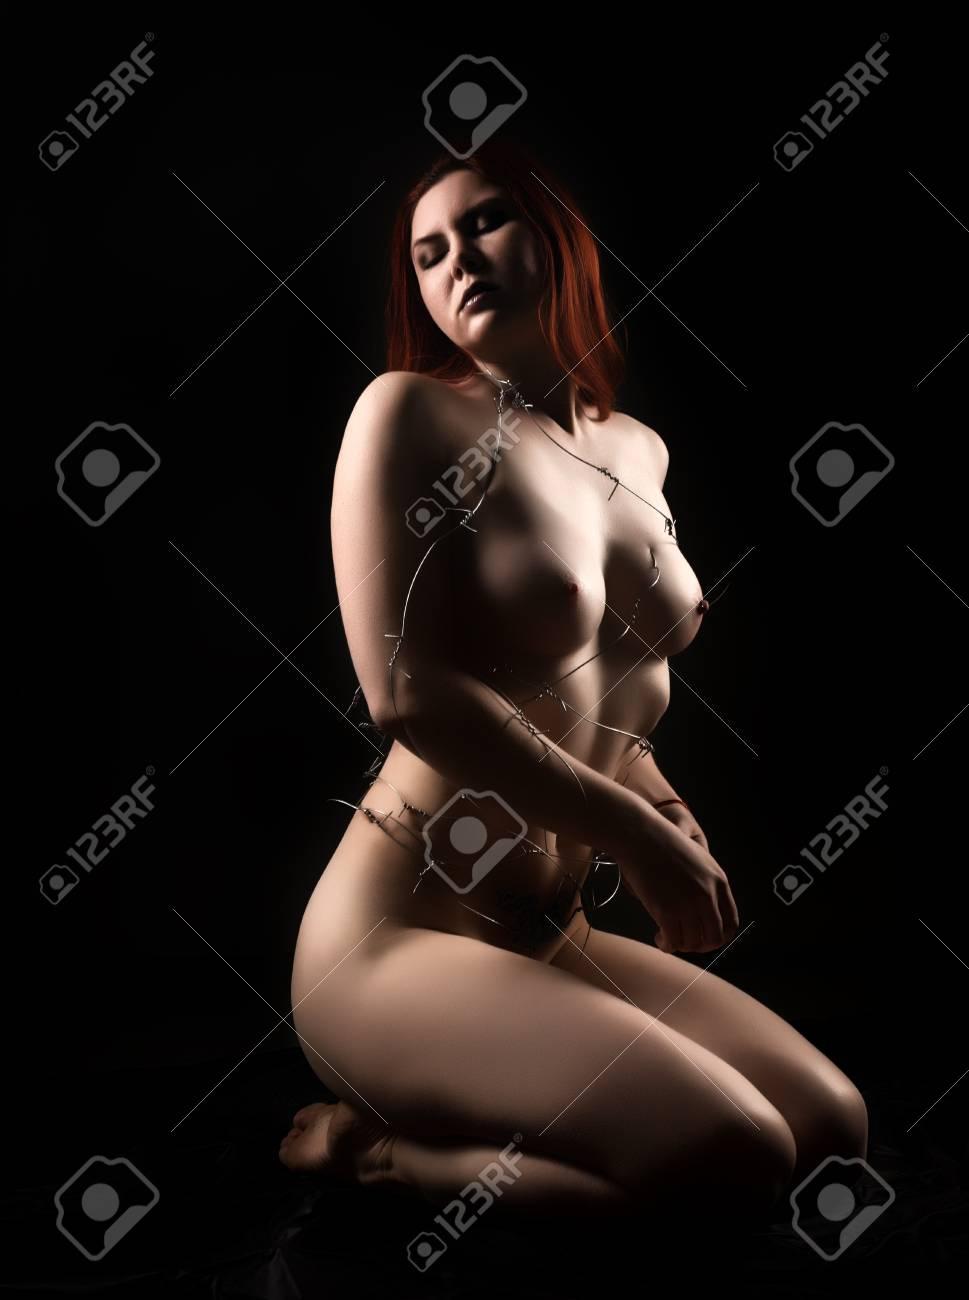 Sexy nackter Schmerz, Nackte Scheidenlippen